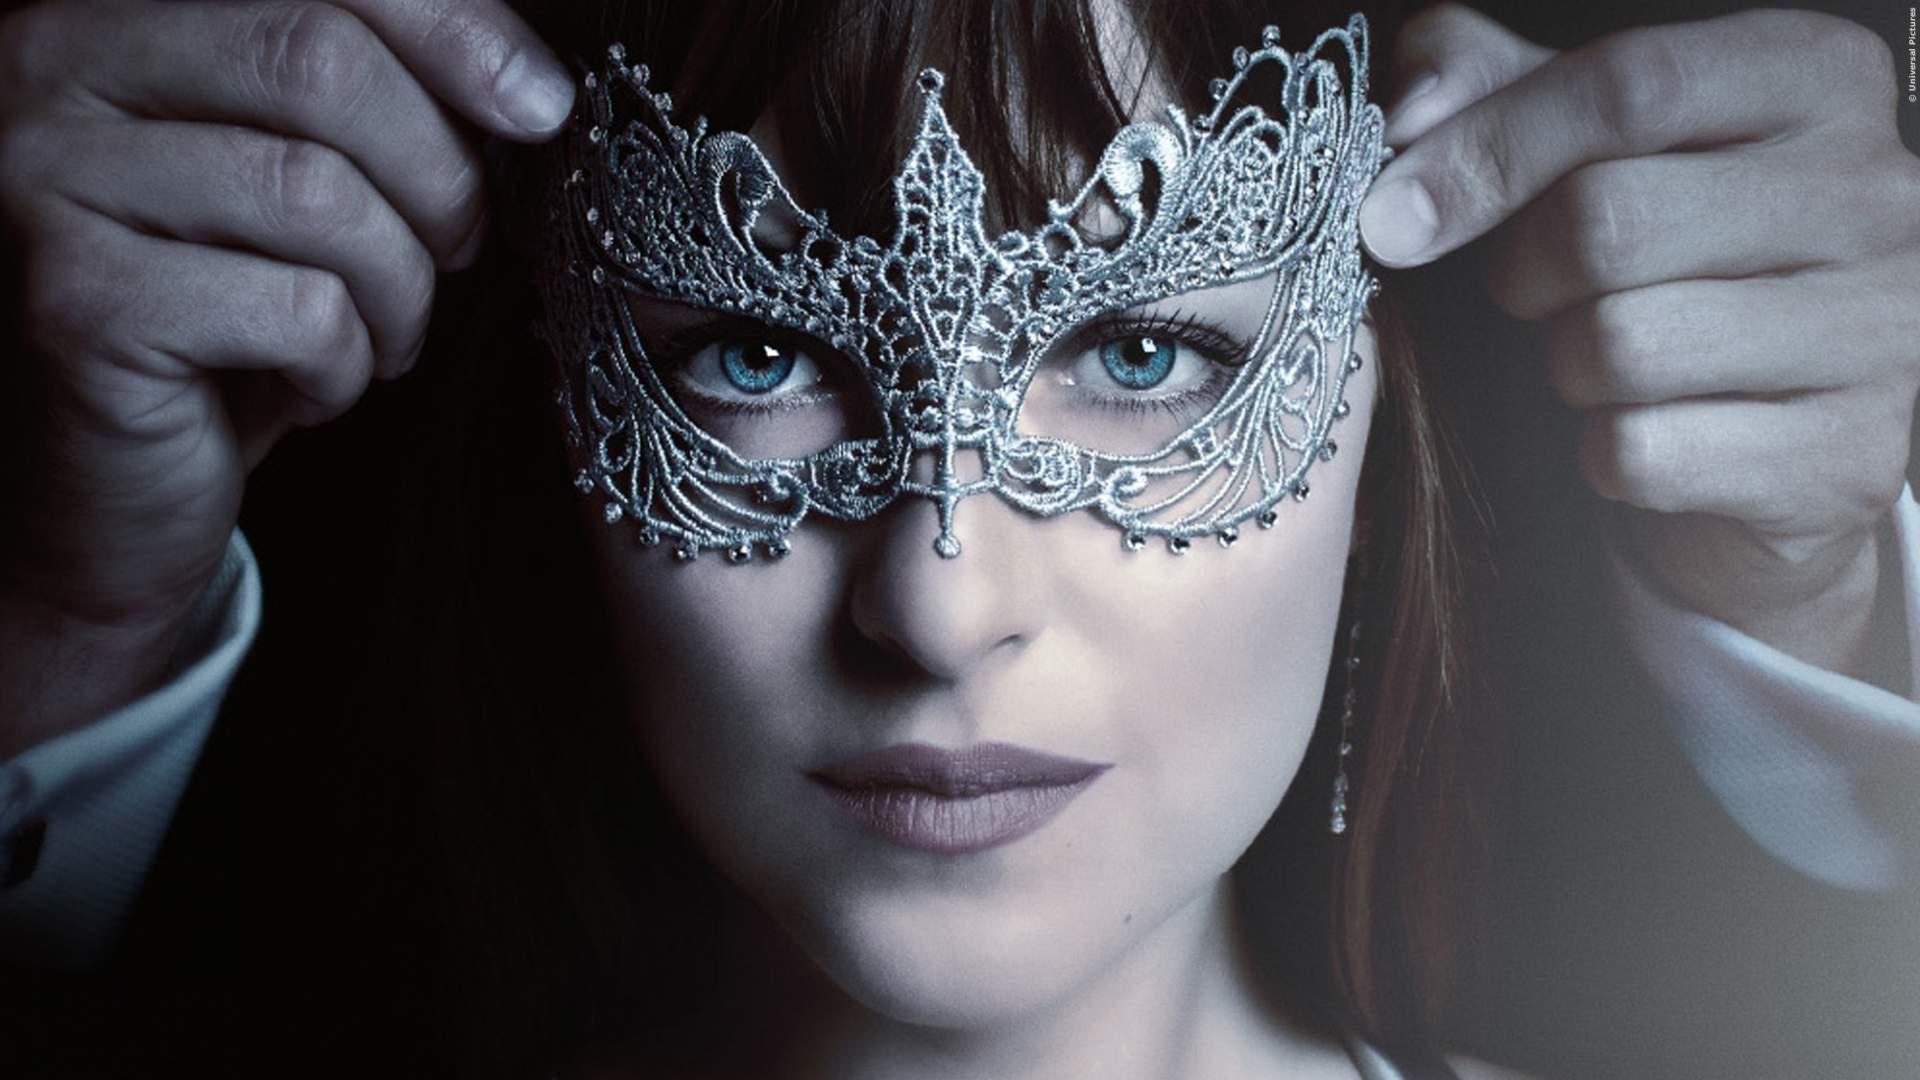 Fifty Shades Of Grey 2: Neuer Trailer mit unartigen Szenen - Bild 1 von 5